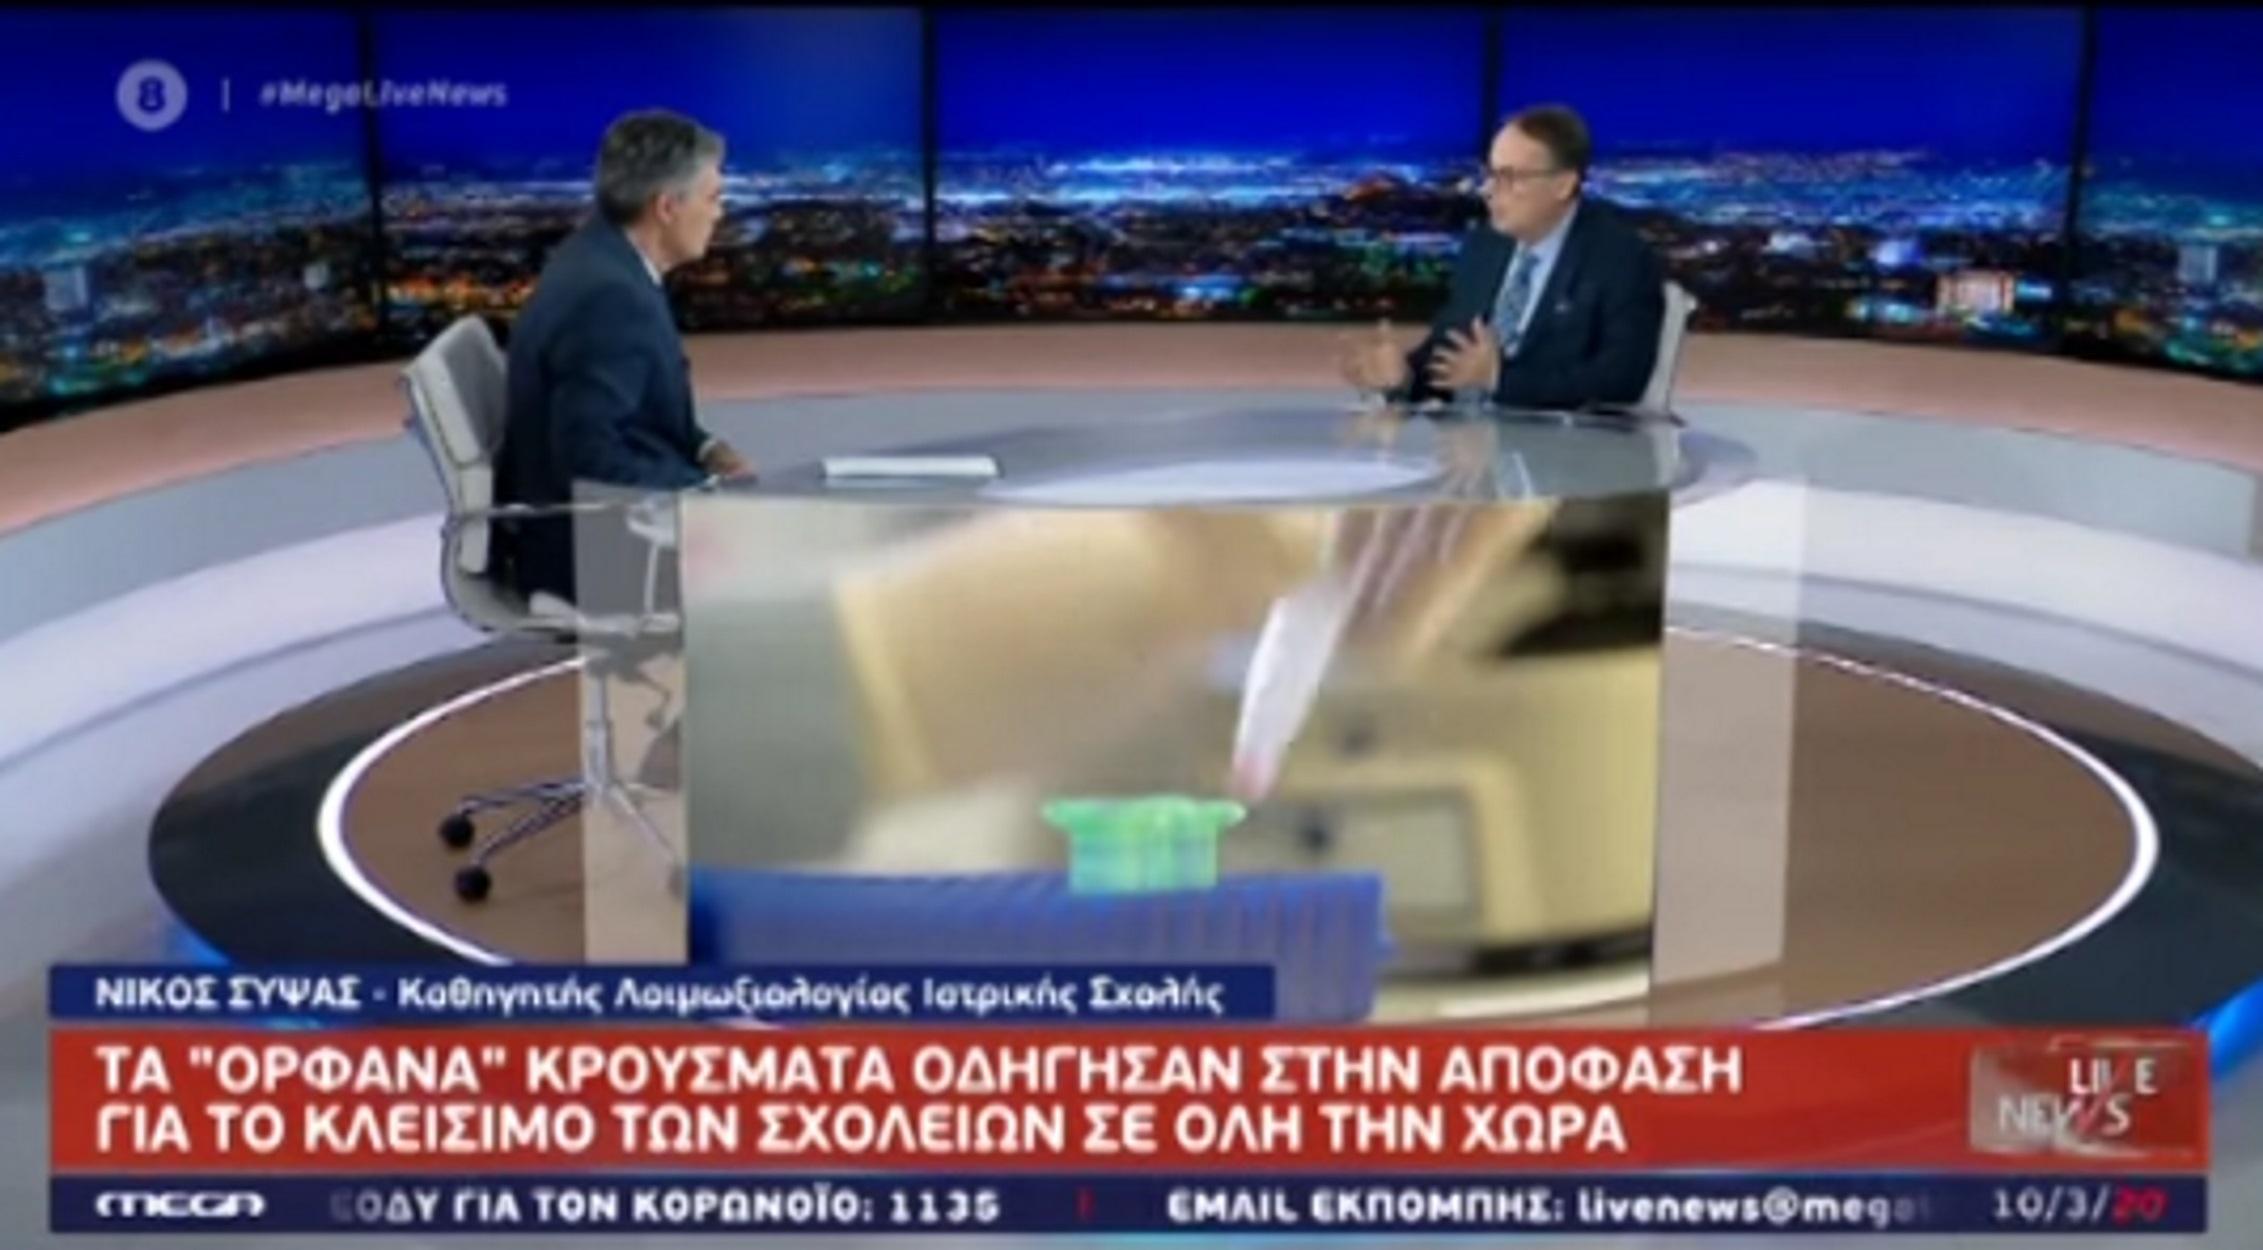 """Κορονοϊός: """"Γι' αυτό έκλεισαν τα σχολεία"""" αποκαλύπτει ο λοιμωξιολόγος Νίκος Σύψας"""